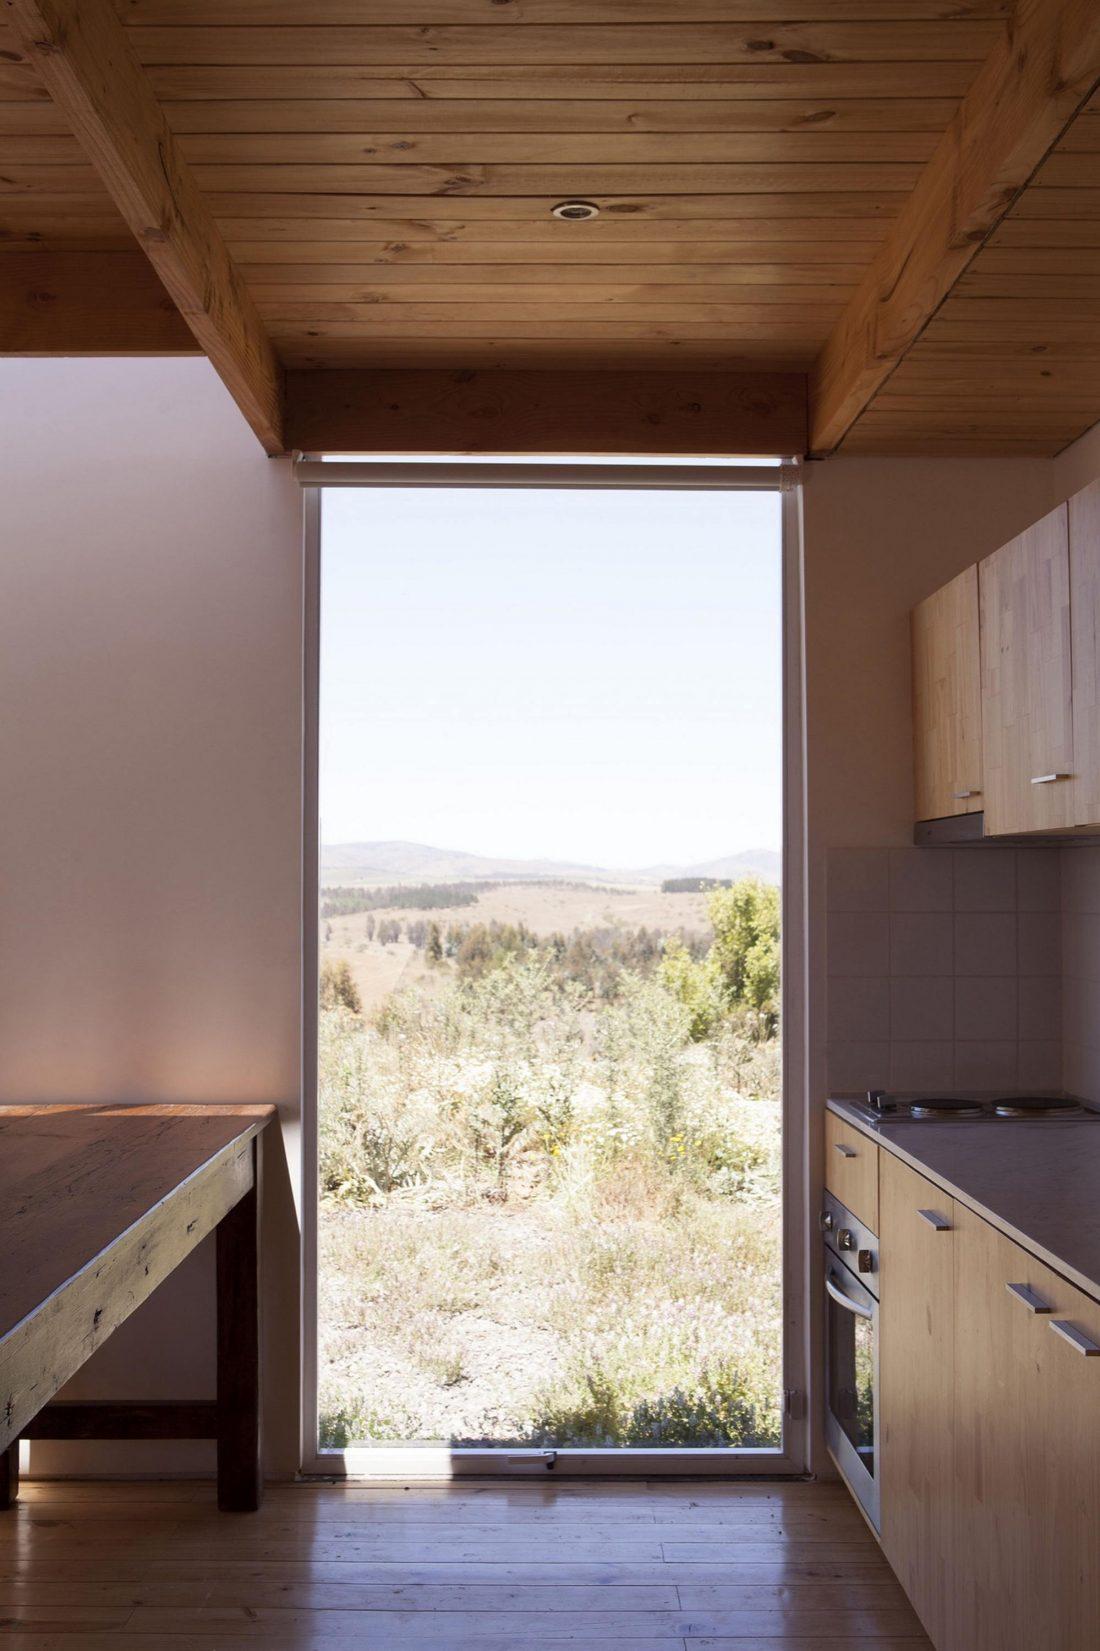 Дом в Чили от архитекторов Alfredo Gonzalez Briceno и Ignacio Rojas Hirigoyen 11